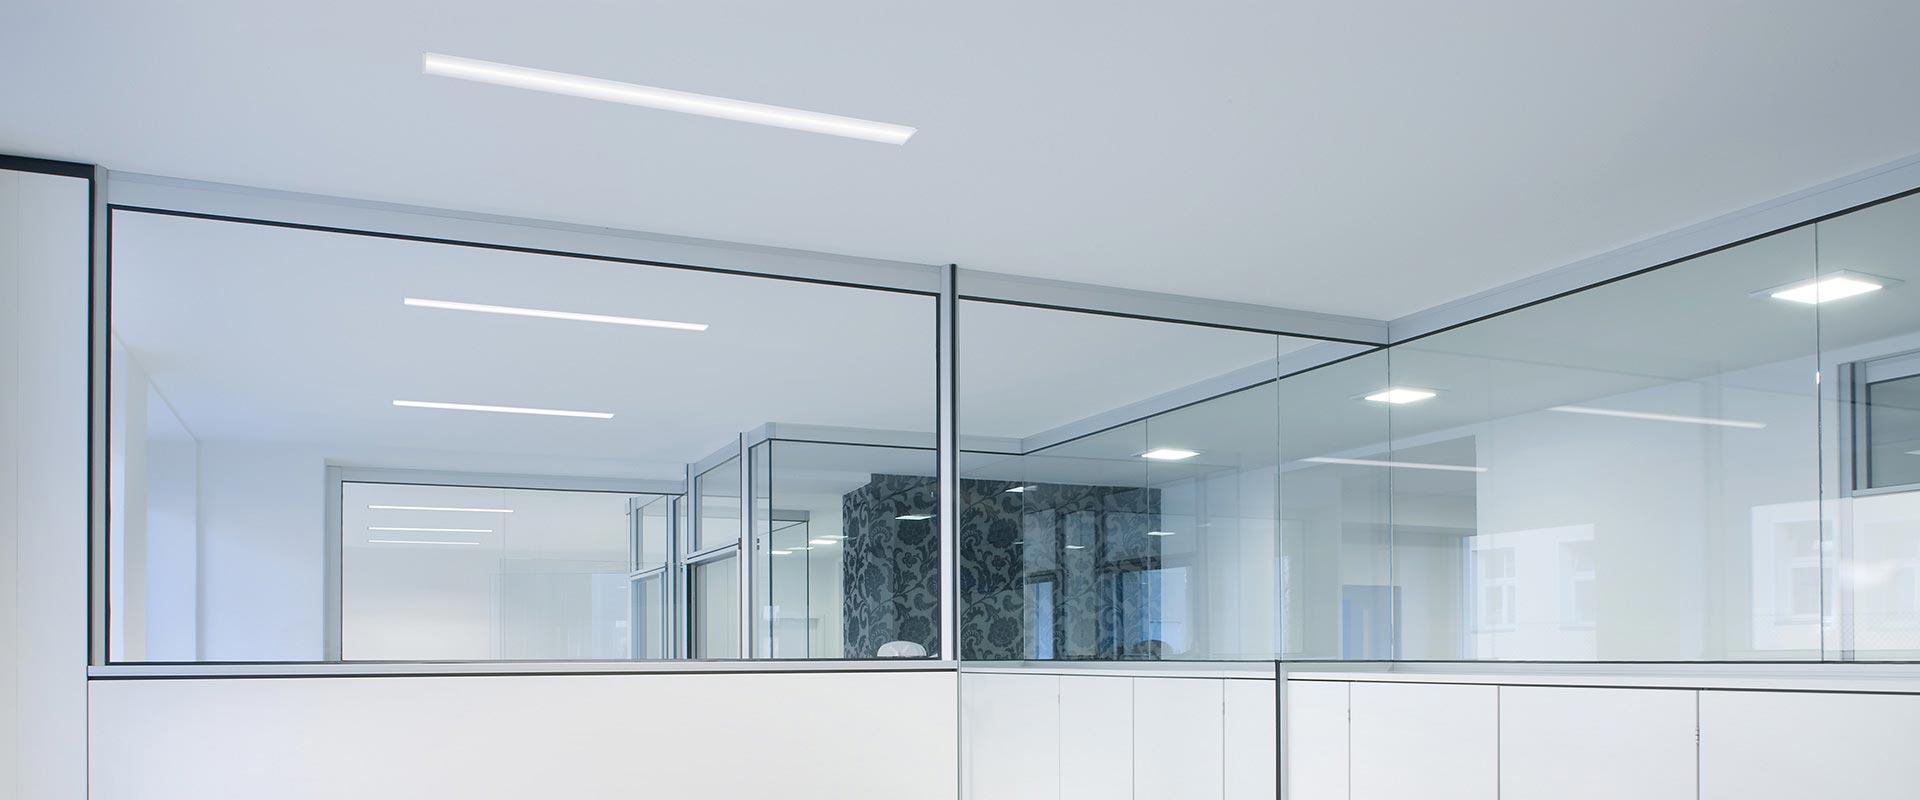 Solvan Flow LED & Solvan Flow LED - Products - TRILUX Simplify Your Light